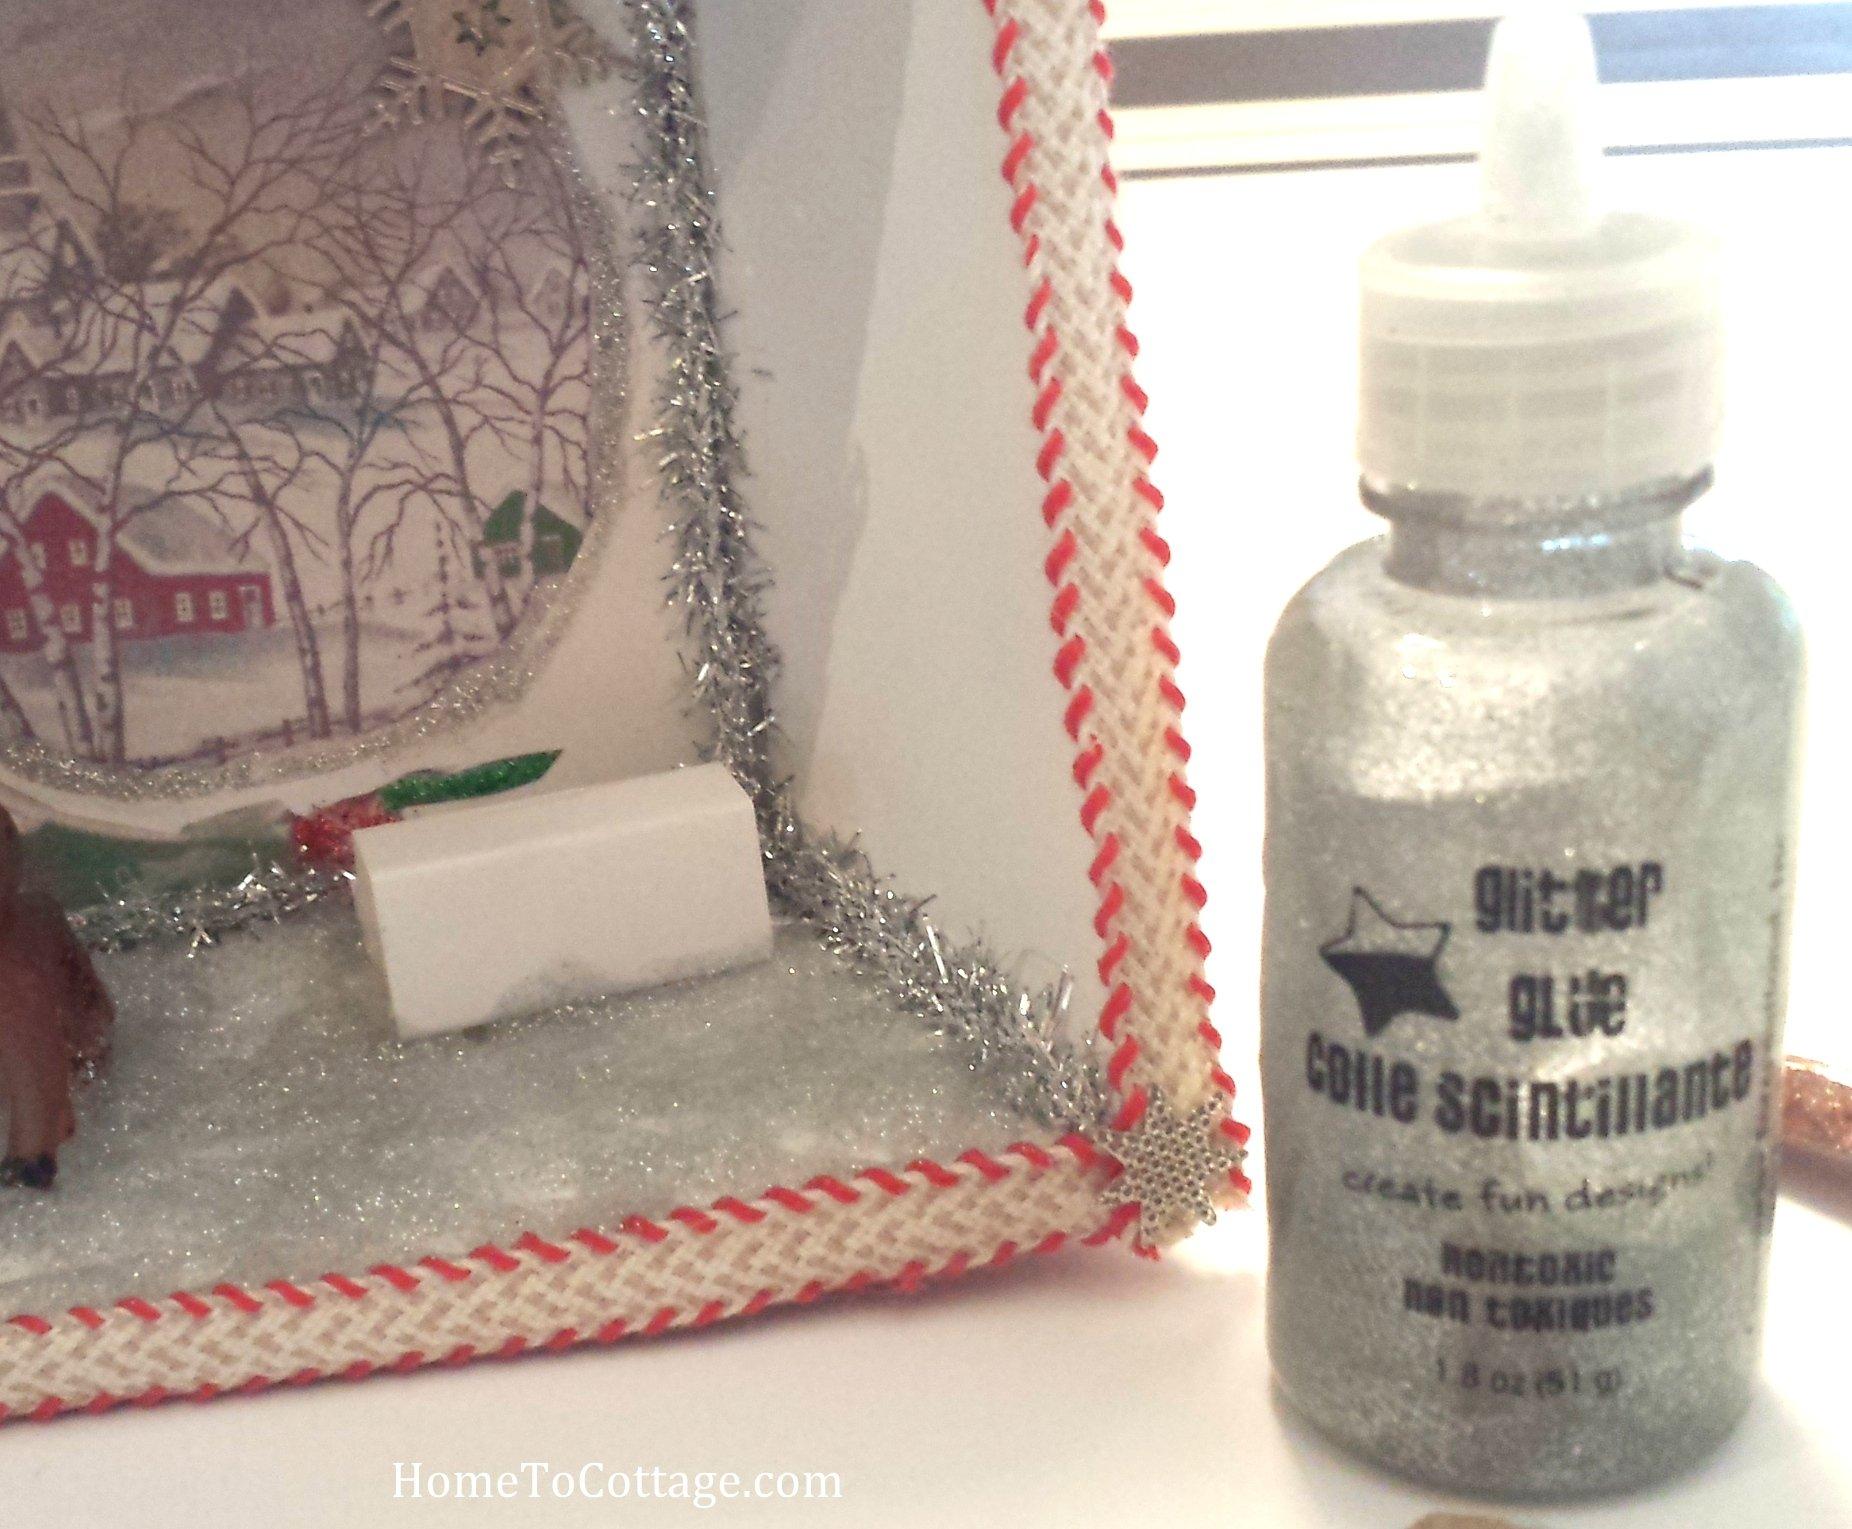 1 HomeToCottage.com diorama glitter glue